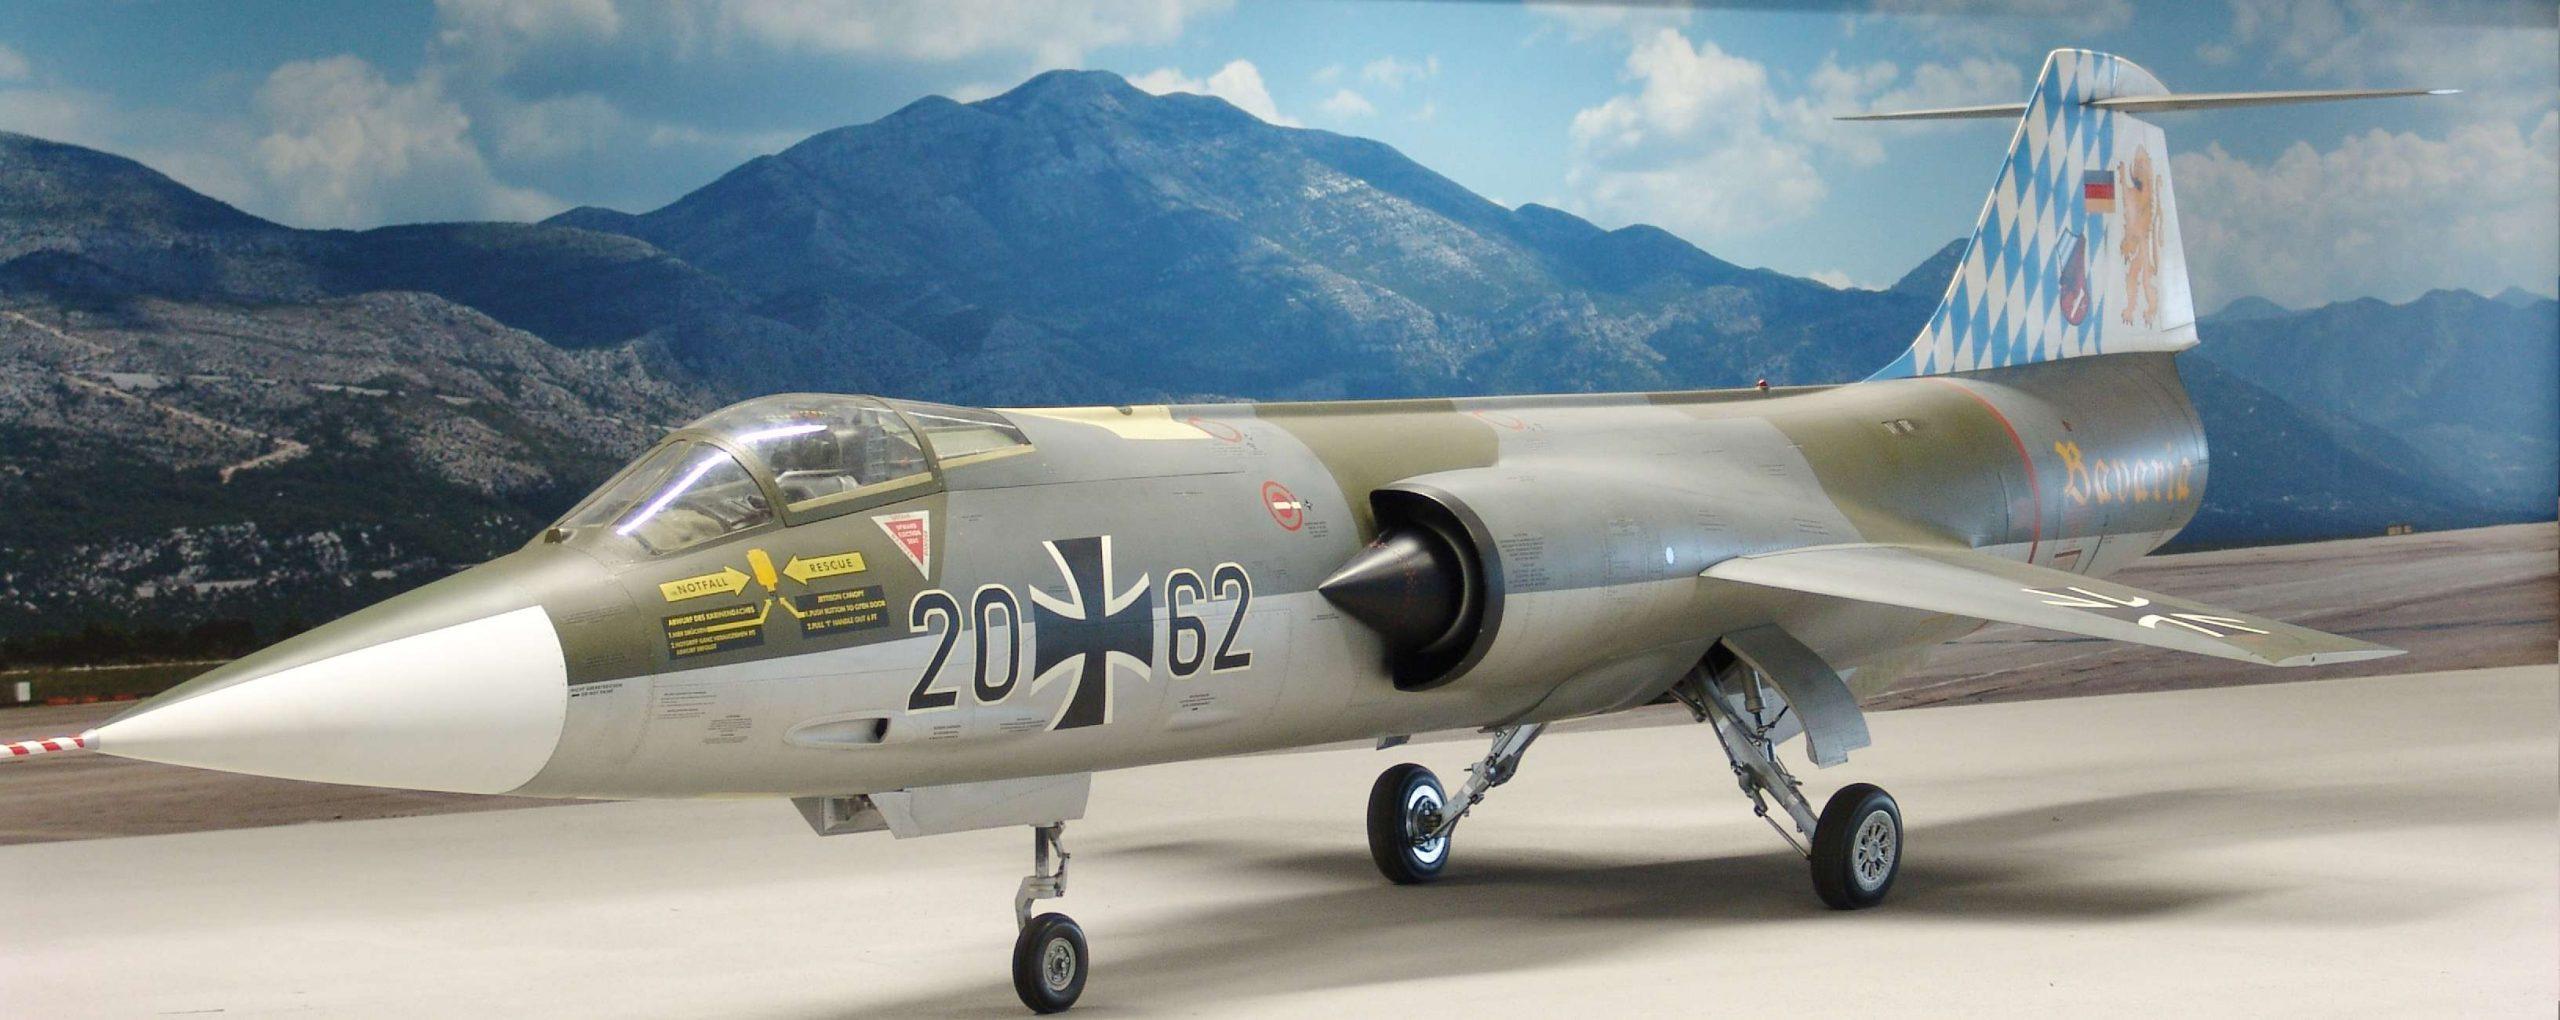 Warbird Modellbau